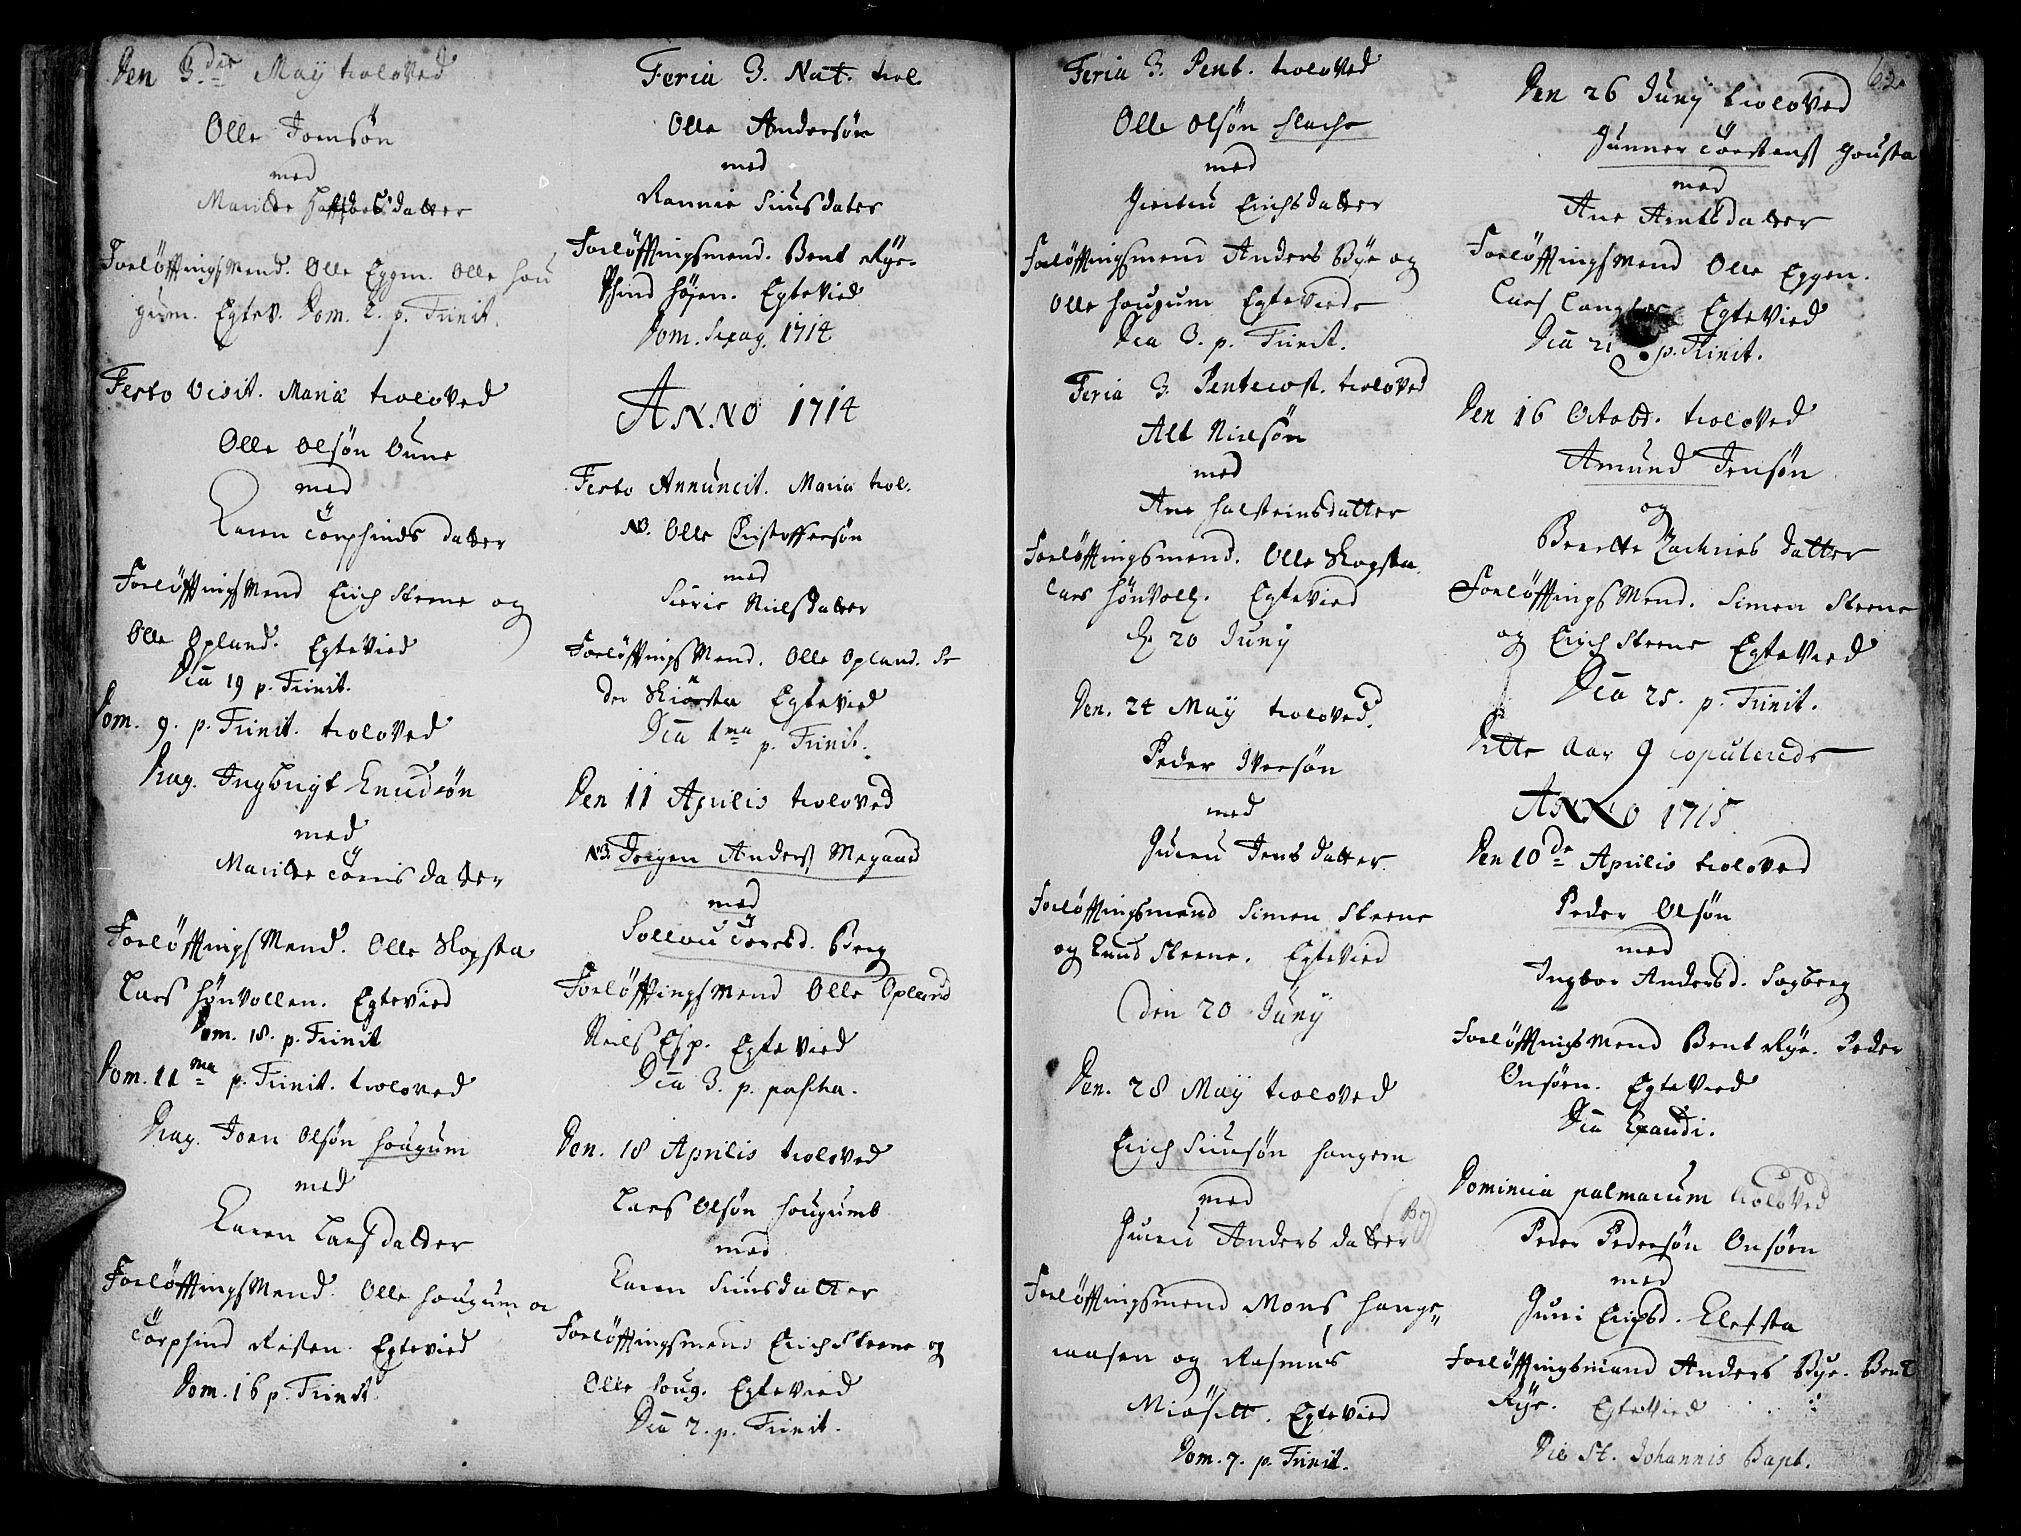 SAT, Ministerialprotokoller, klokkerbøker og fødselsregistre - Sør-Trøndelag, 612/L0368: Ministerialbok nr. 612A02, 1702-1753, s. 62